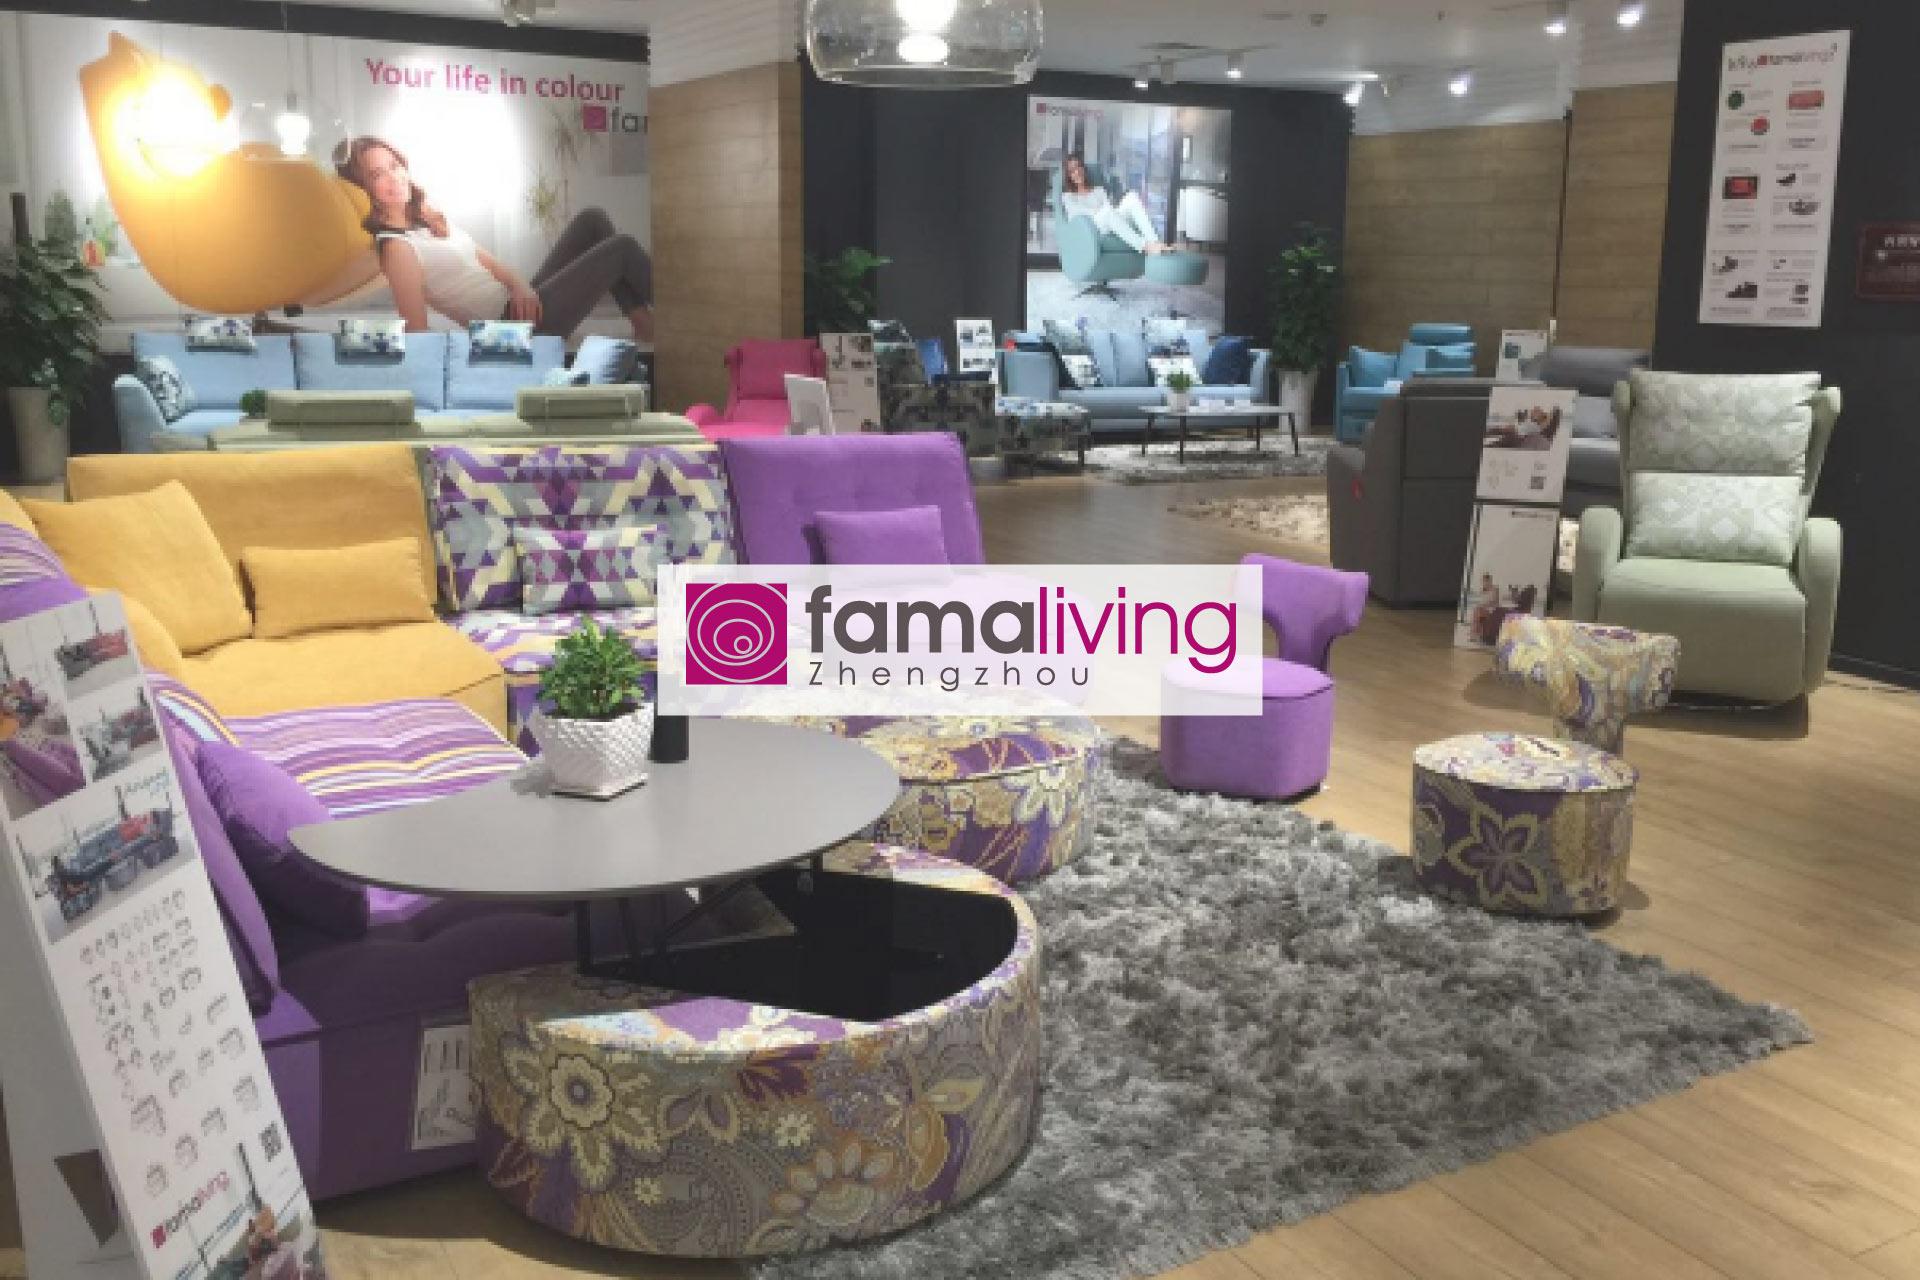 https://www.famaliving.com/zhengzhou-fr